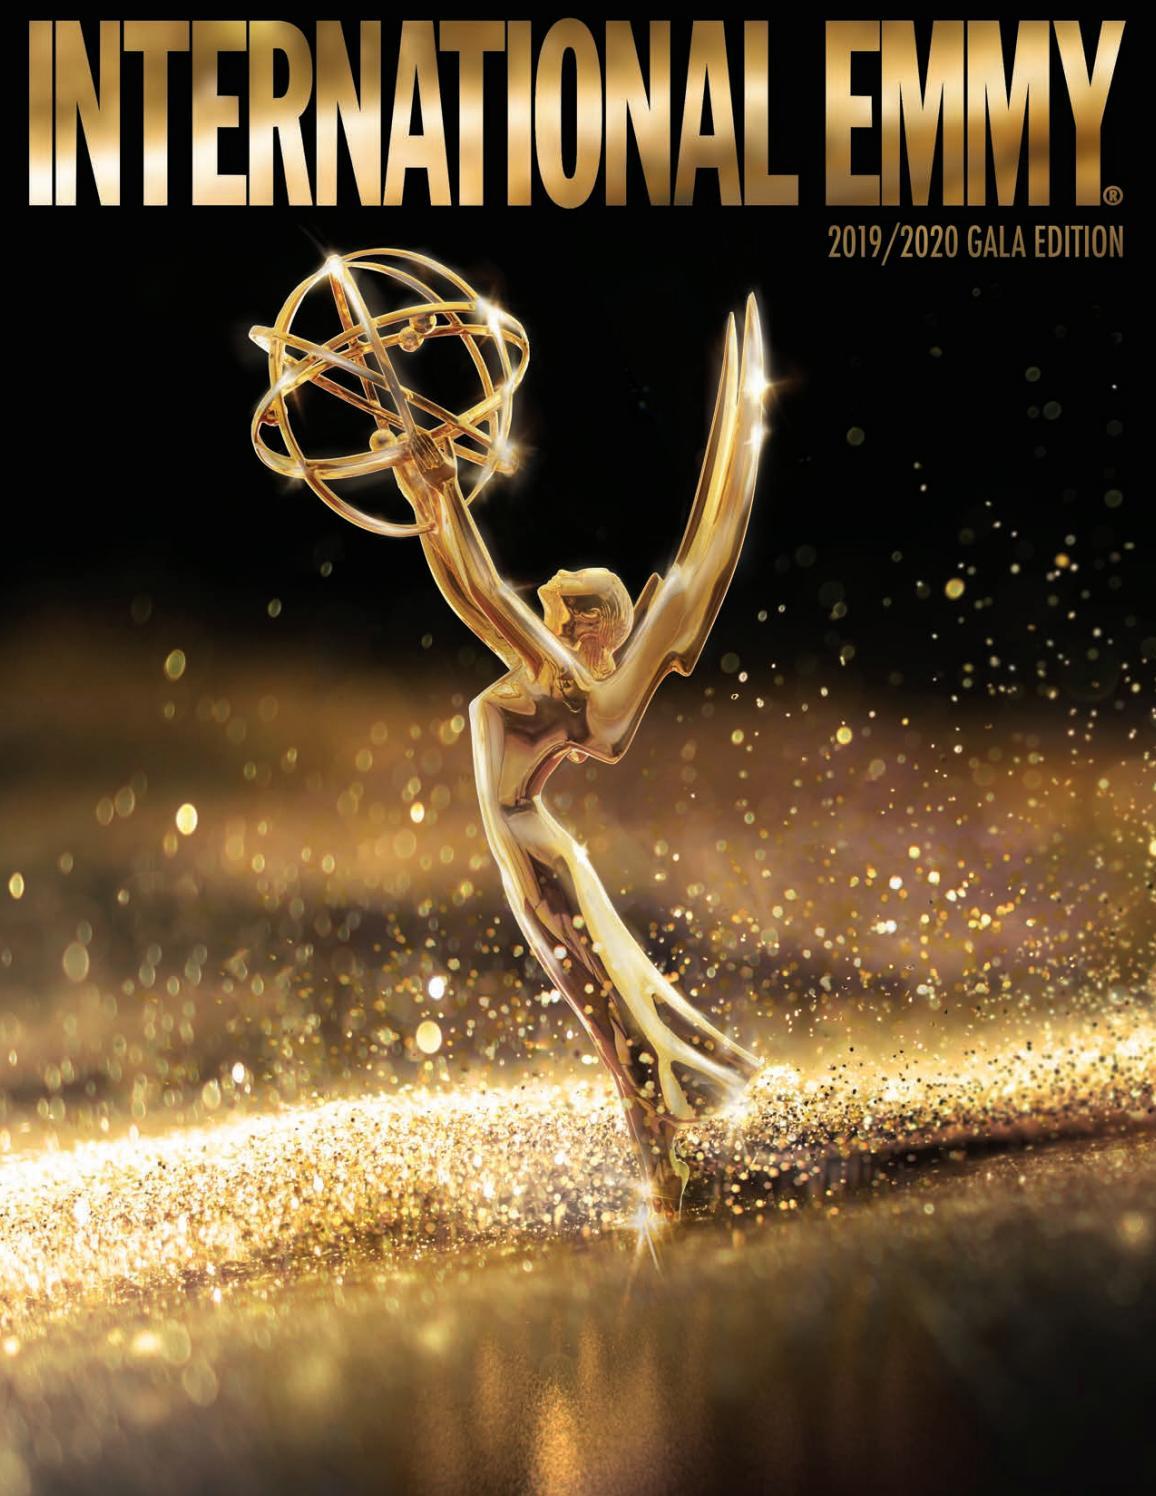 International Emmy 2019 2020 Gala Edition By World Screen Issuu